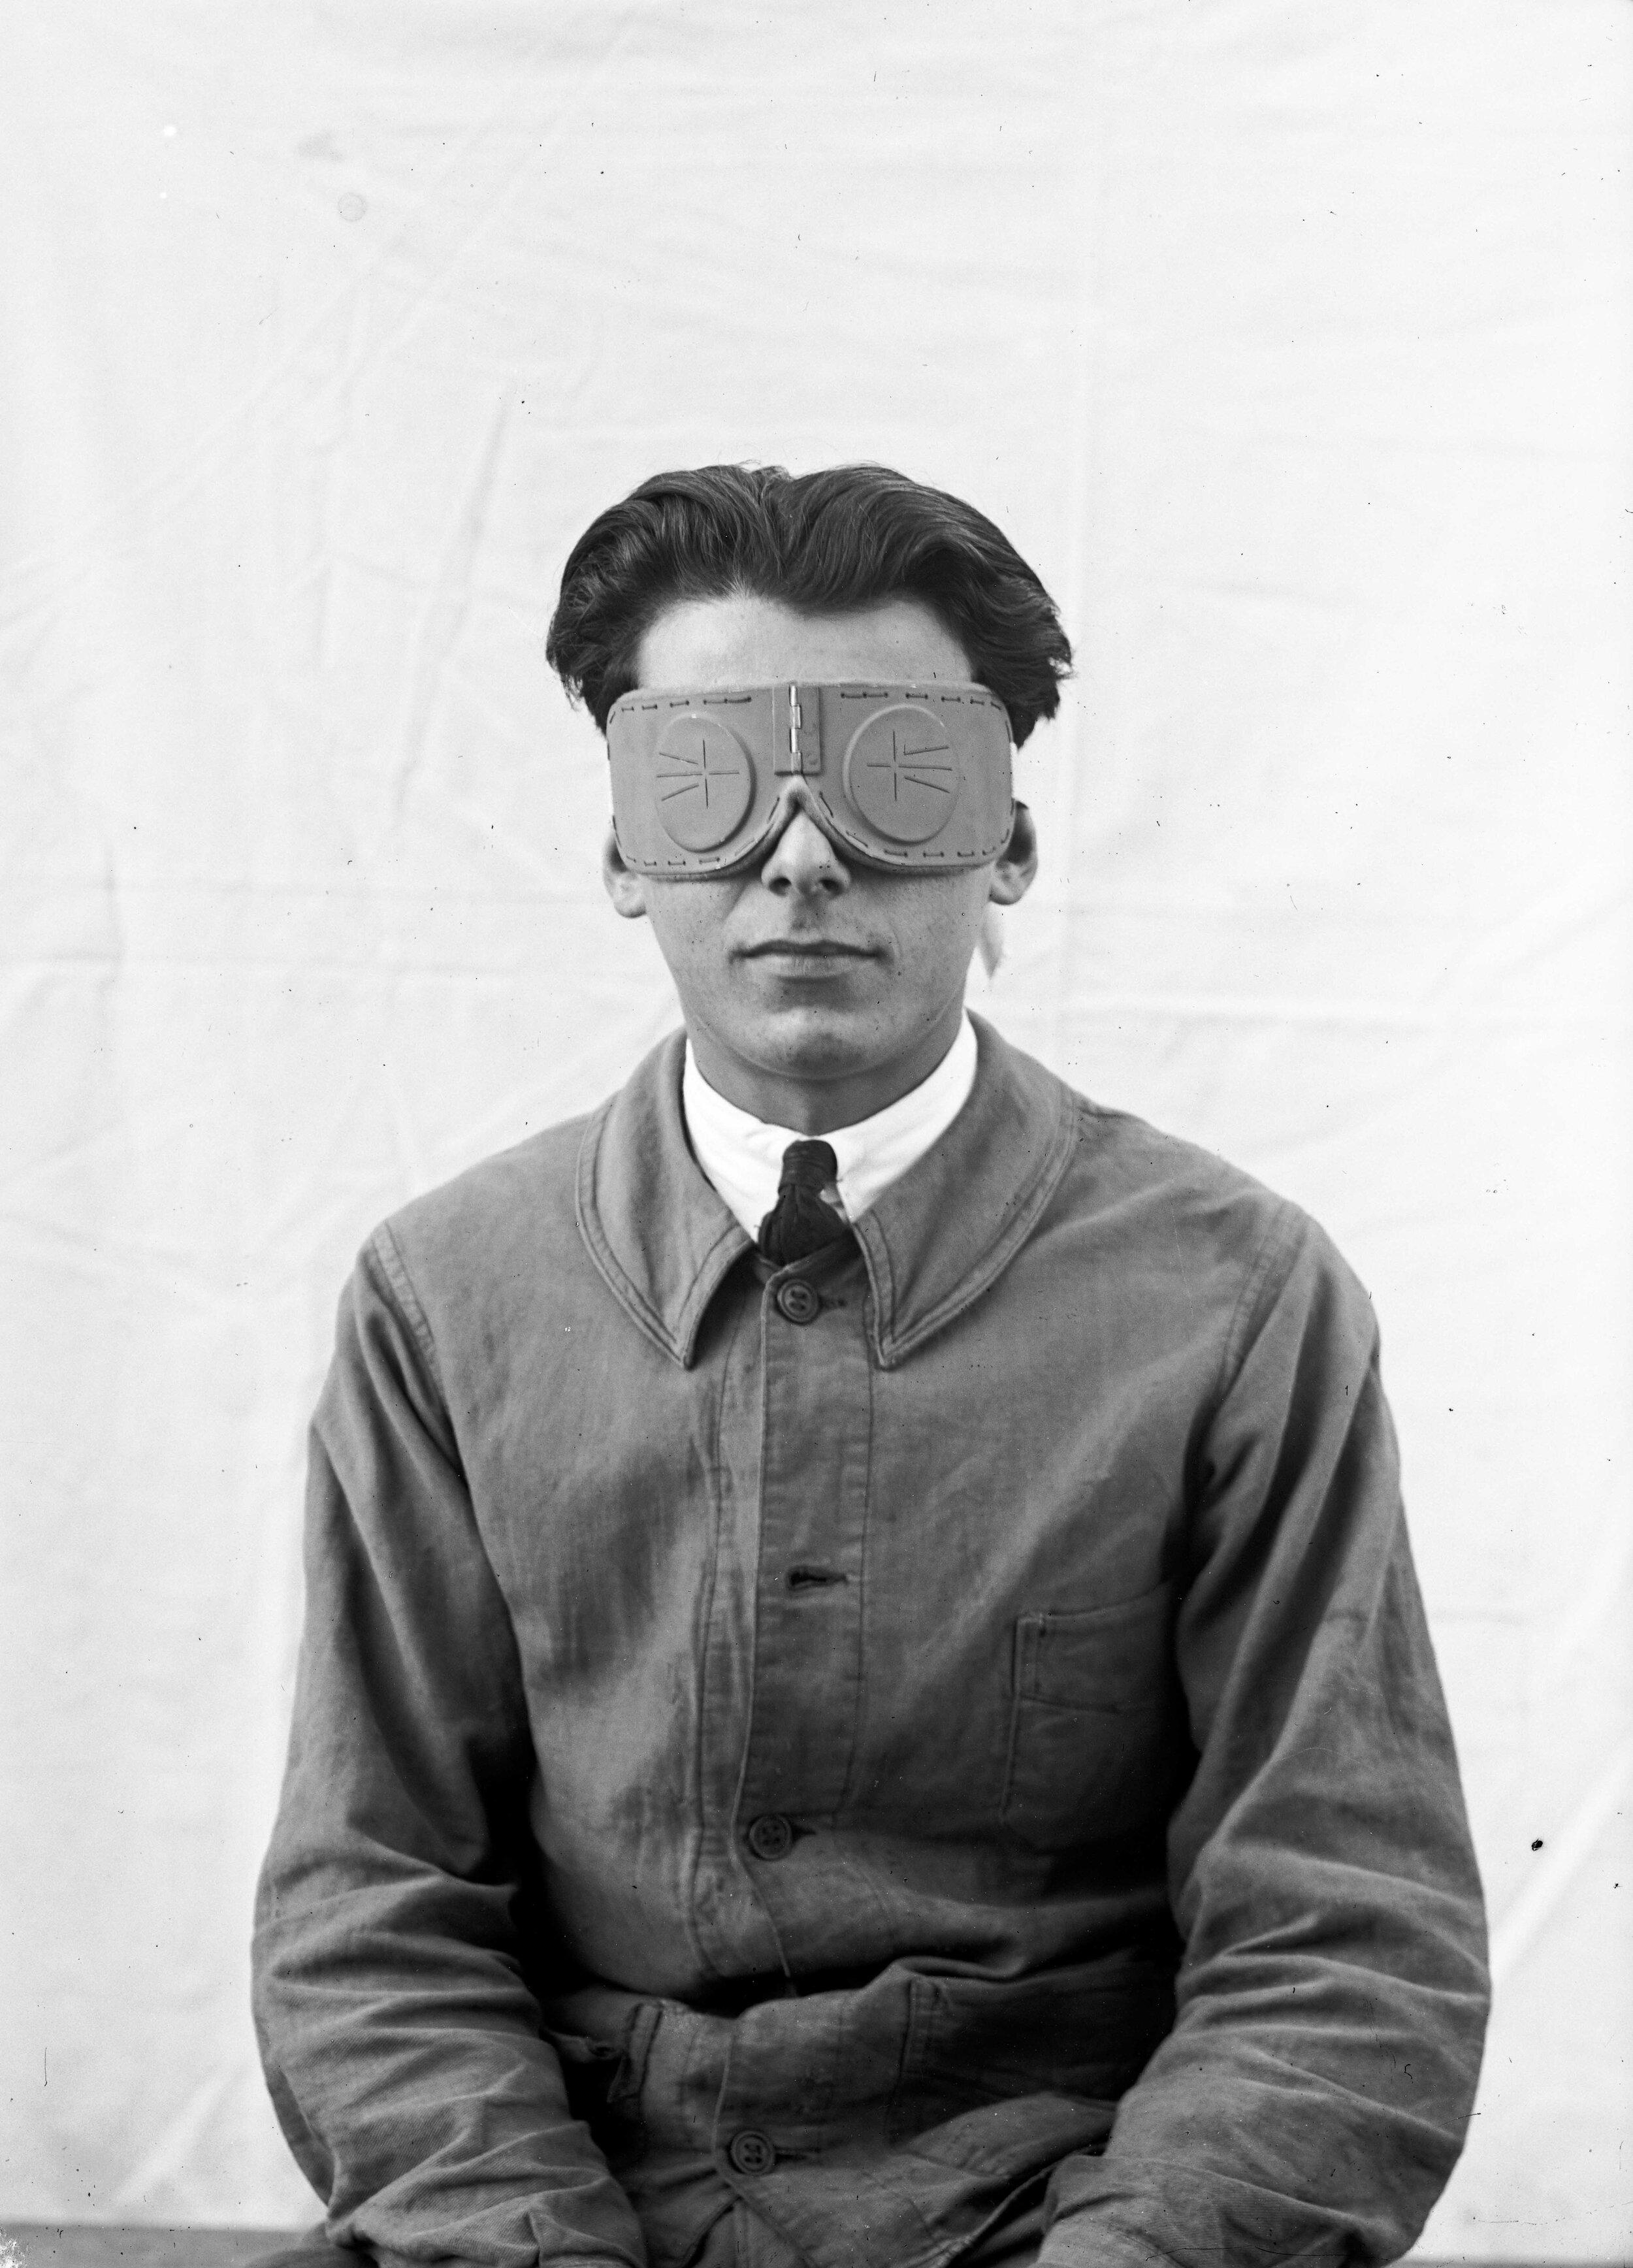 SAGA-Louis-Lapicque's-visual-field-shutter-goggles-Jimei-Arles.JPG